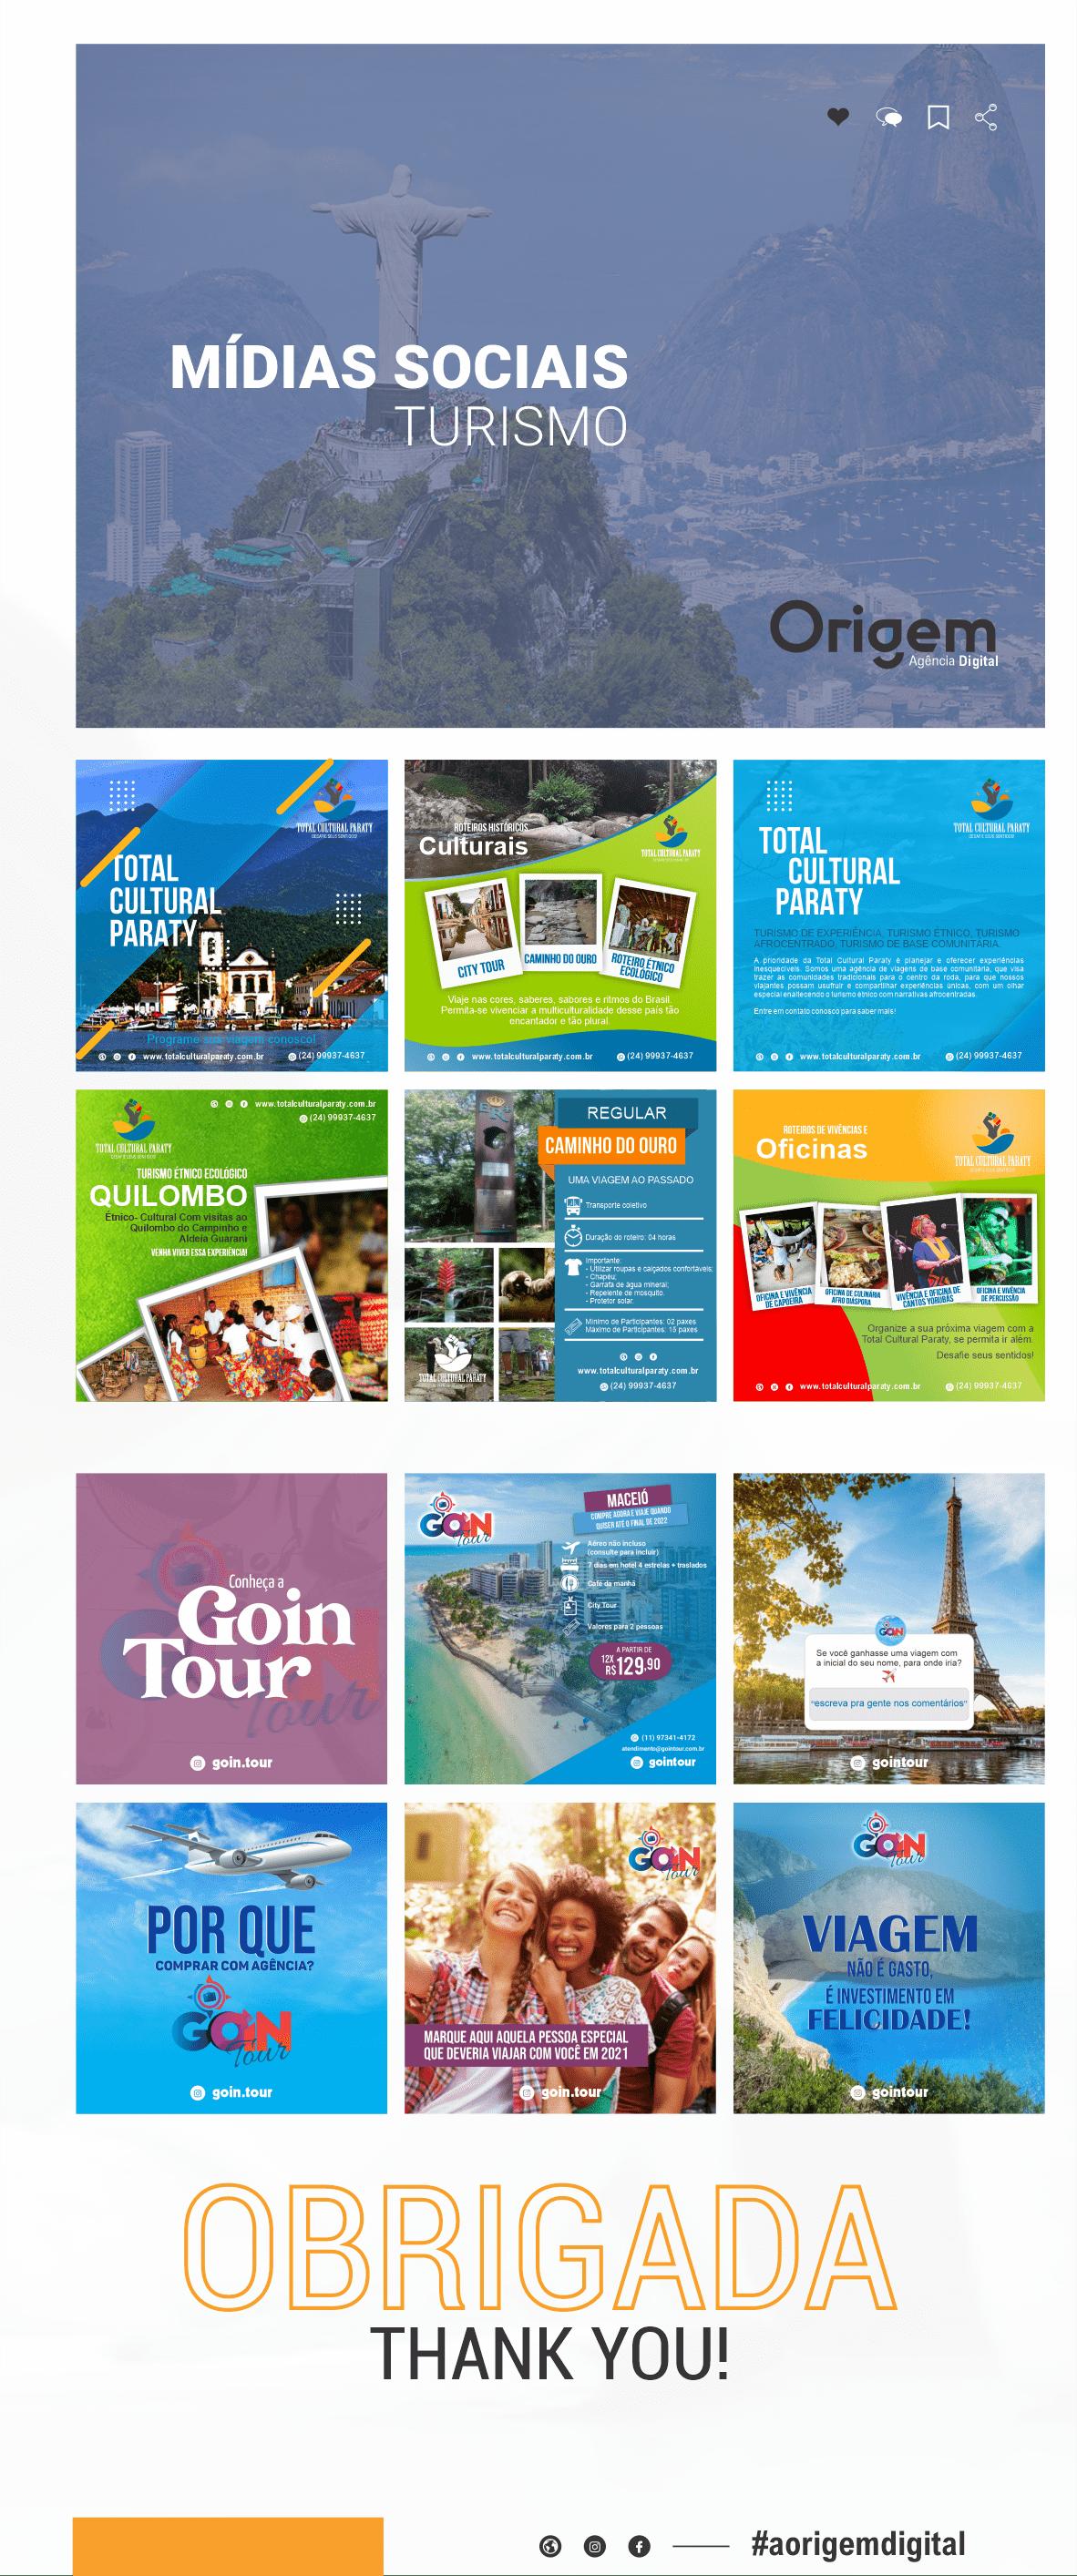 gestão de midias lazer marketing   marketing de conteúdo mídias sociais Turismo viagens